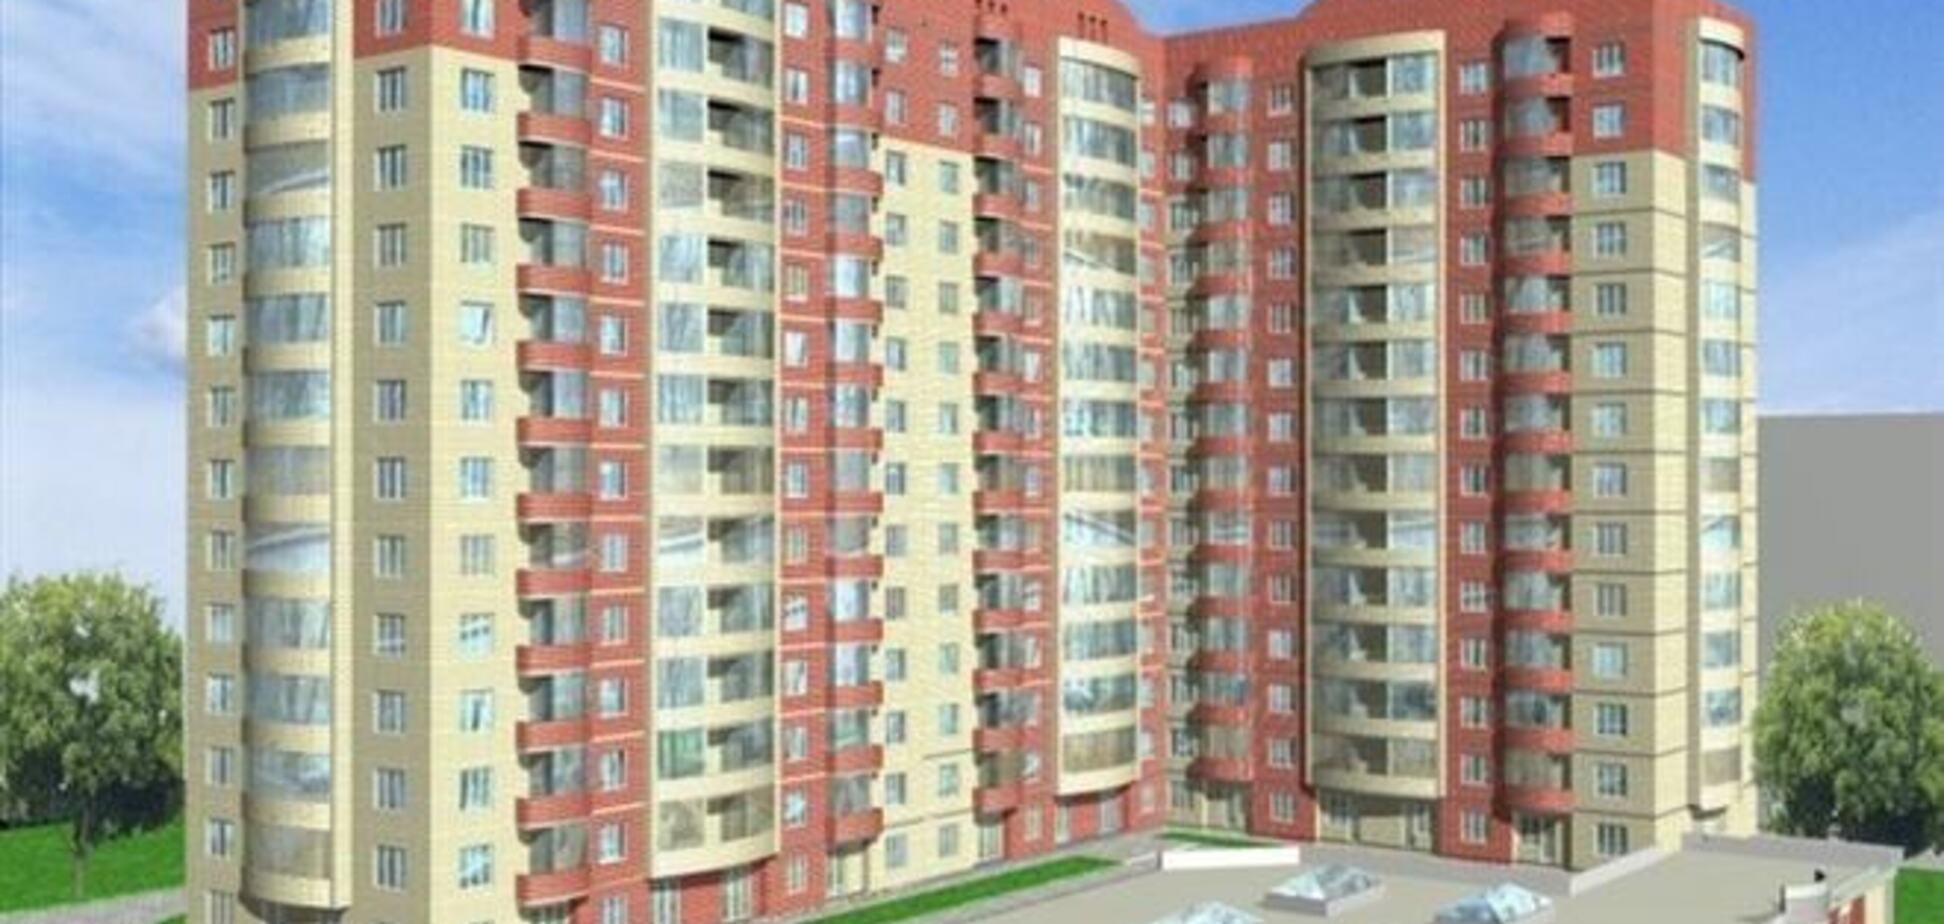 Как дешево сейчас можно купить однокомнатную квартиру?